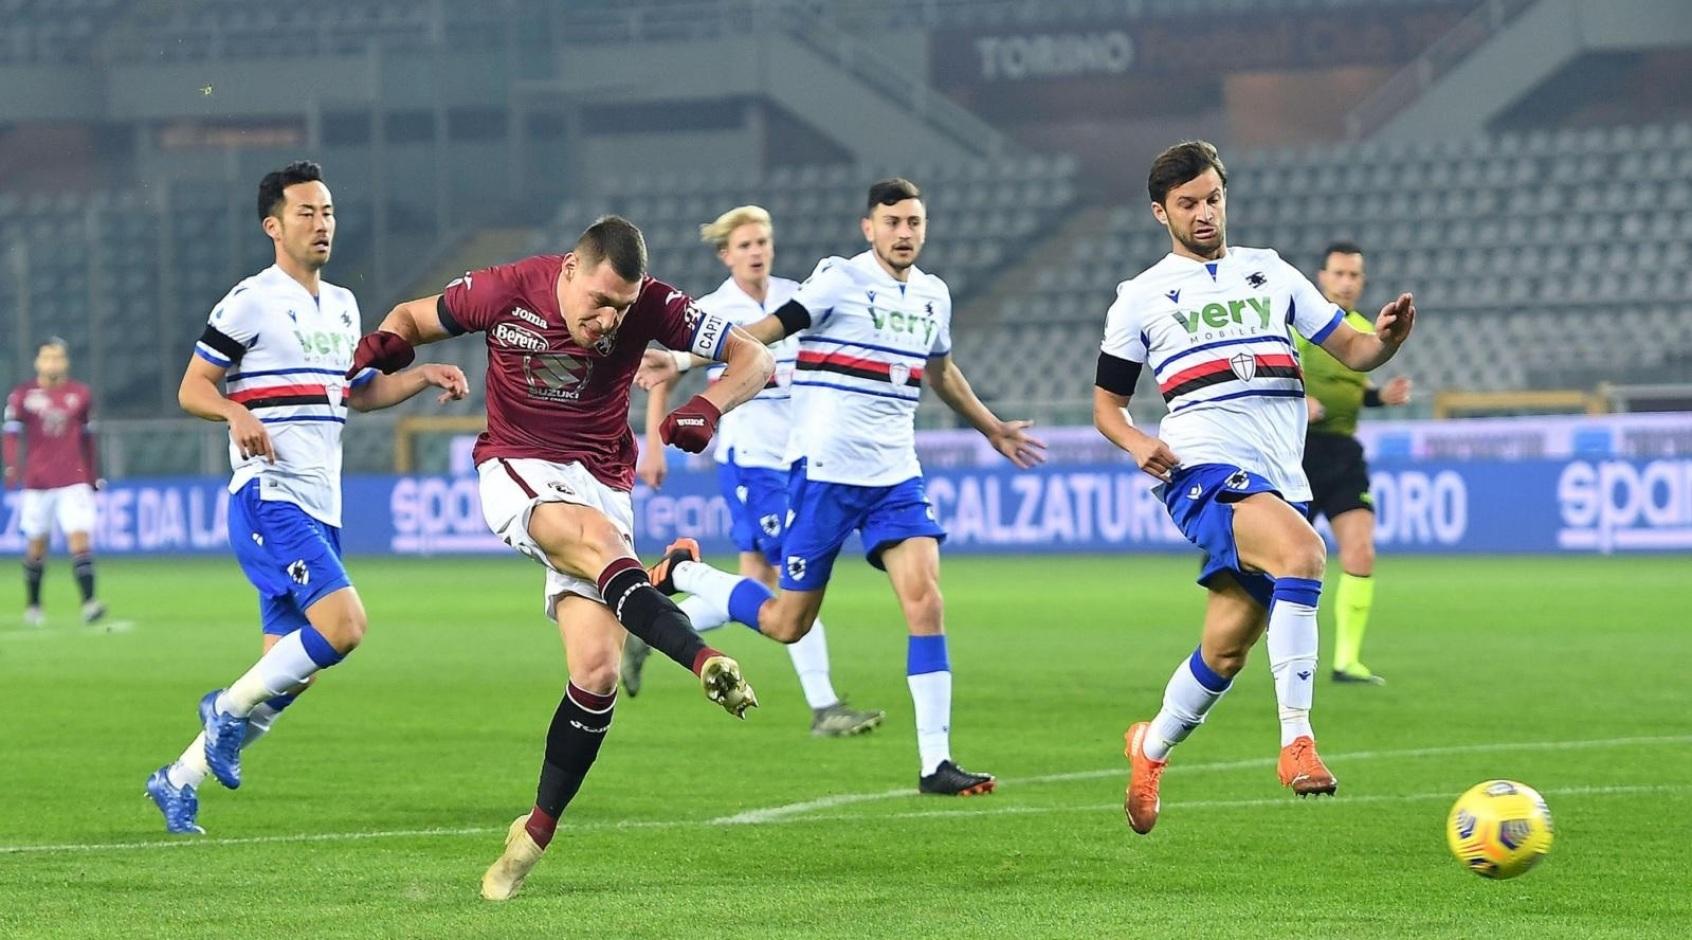 """Чемпионат Италии. 9-й тур. За год """"Торино"""" вёл в счёте в 22 матчах из 33. Выиграл семь"""